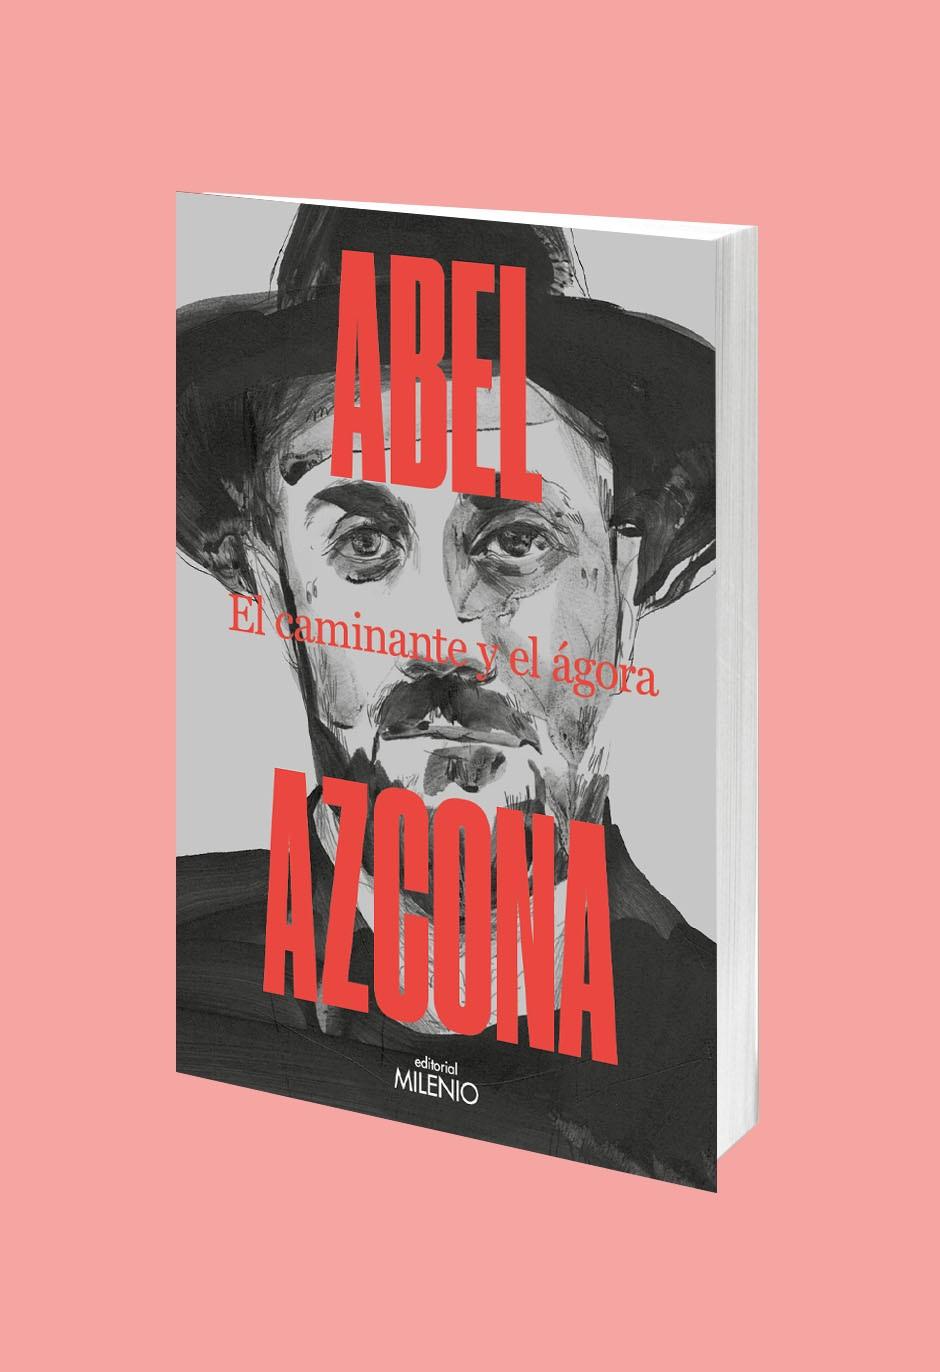 Editorial Milenio presenta 'El caminante y el ágora', el nuevo libro  de Abel Azcona